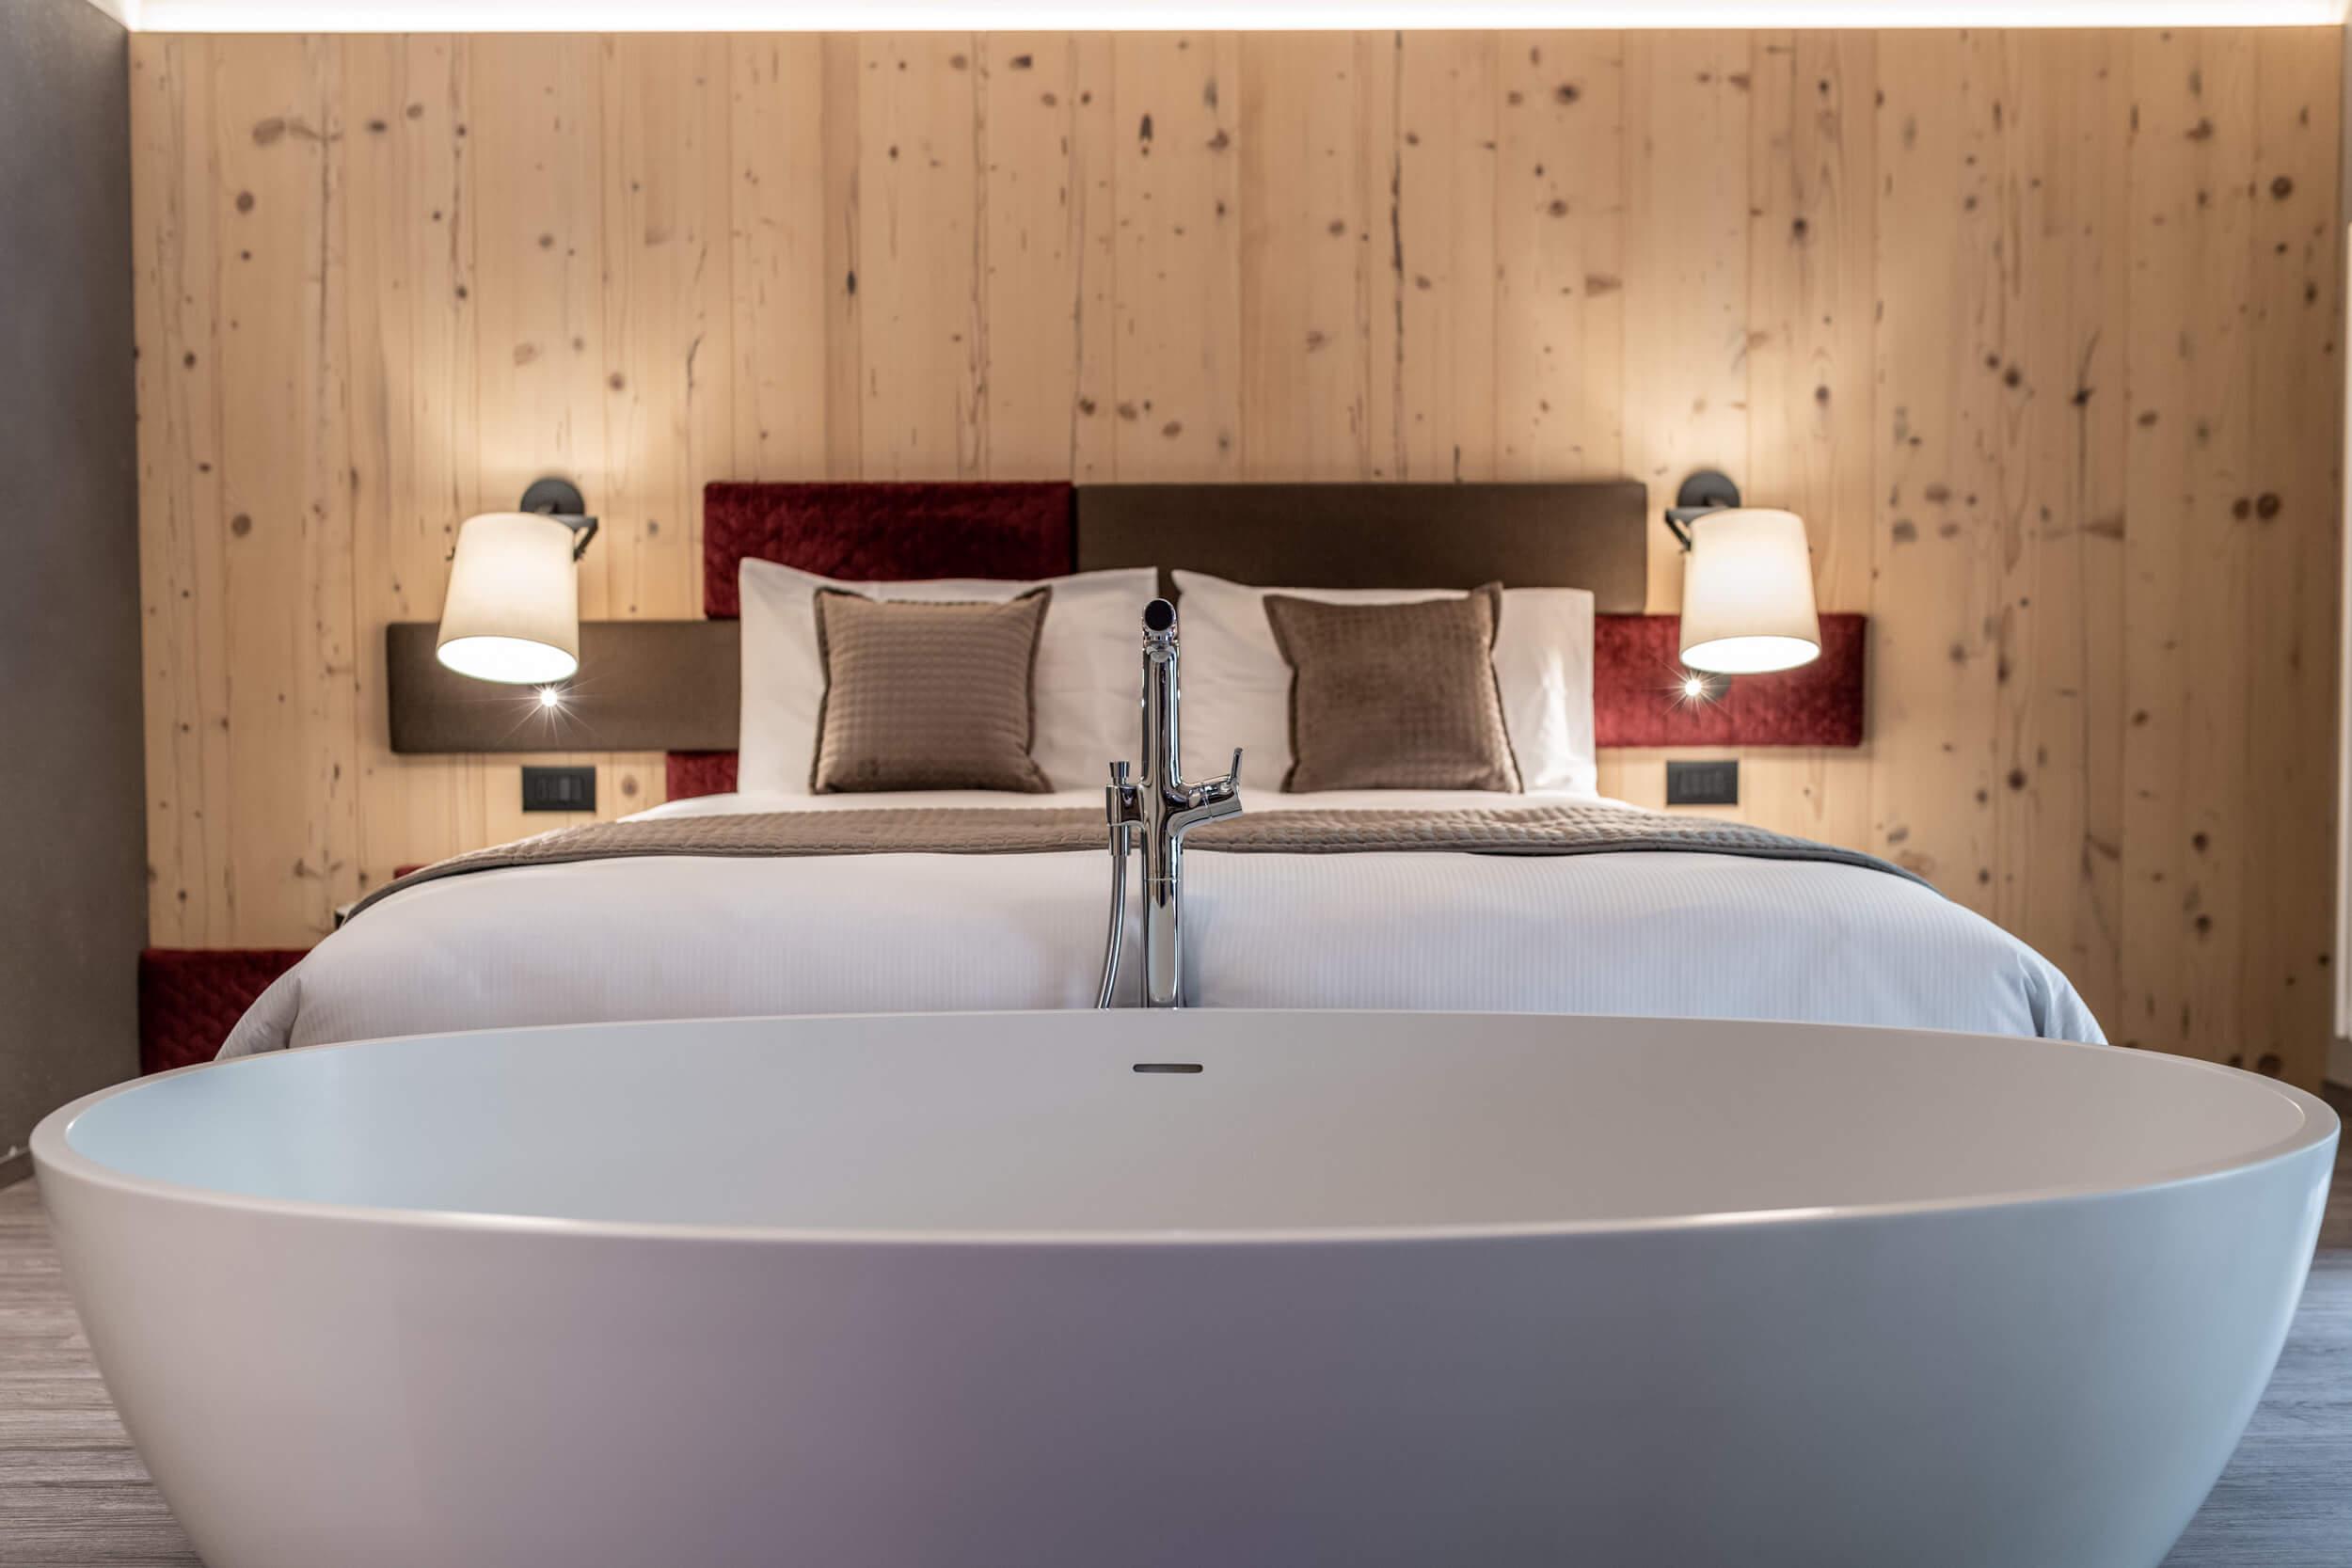 Come da nostro motto questa stanza vi farà sentire 'naturalmente accolti' da un caldo abbraccio, che vi coccolerà quando rientrerete in Hotel.